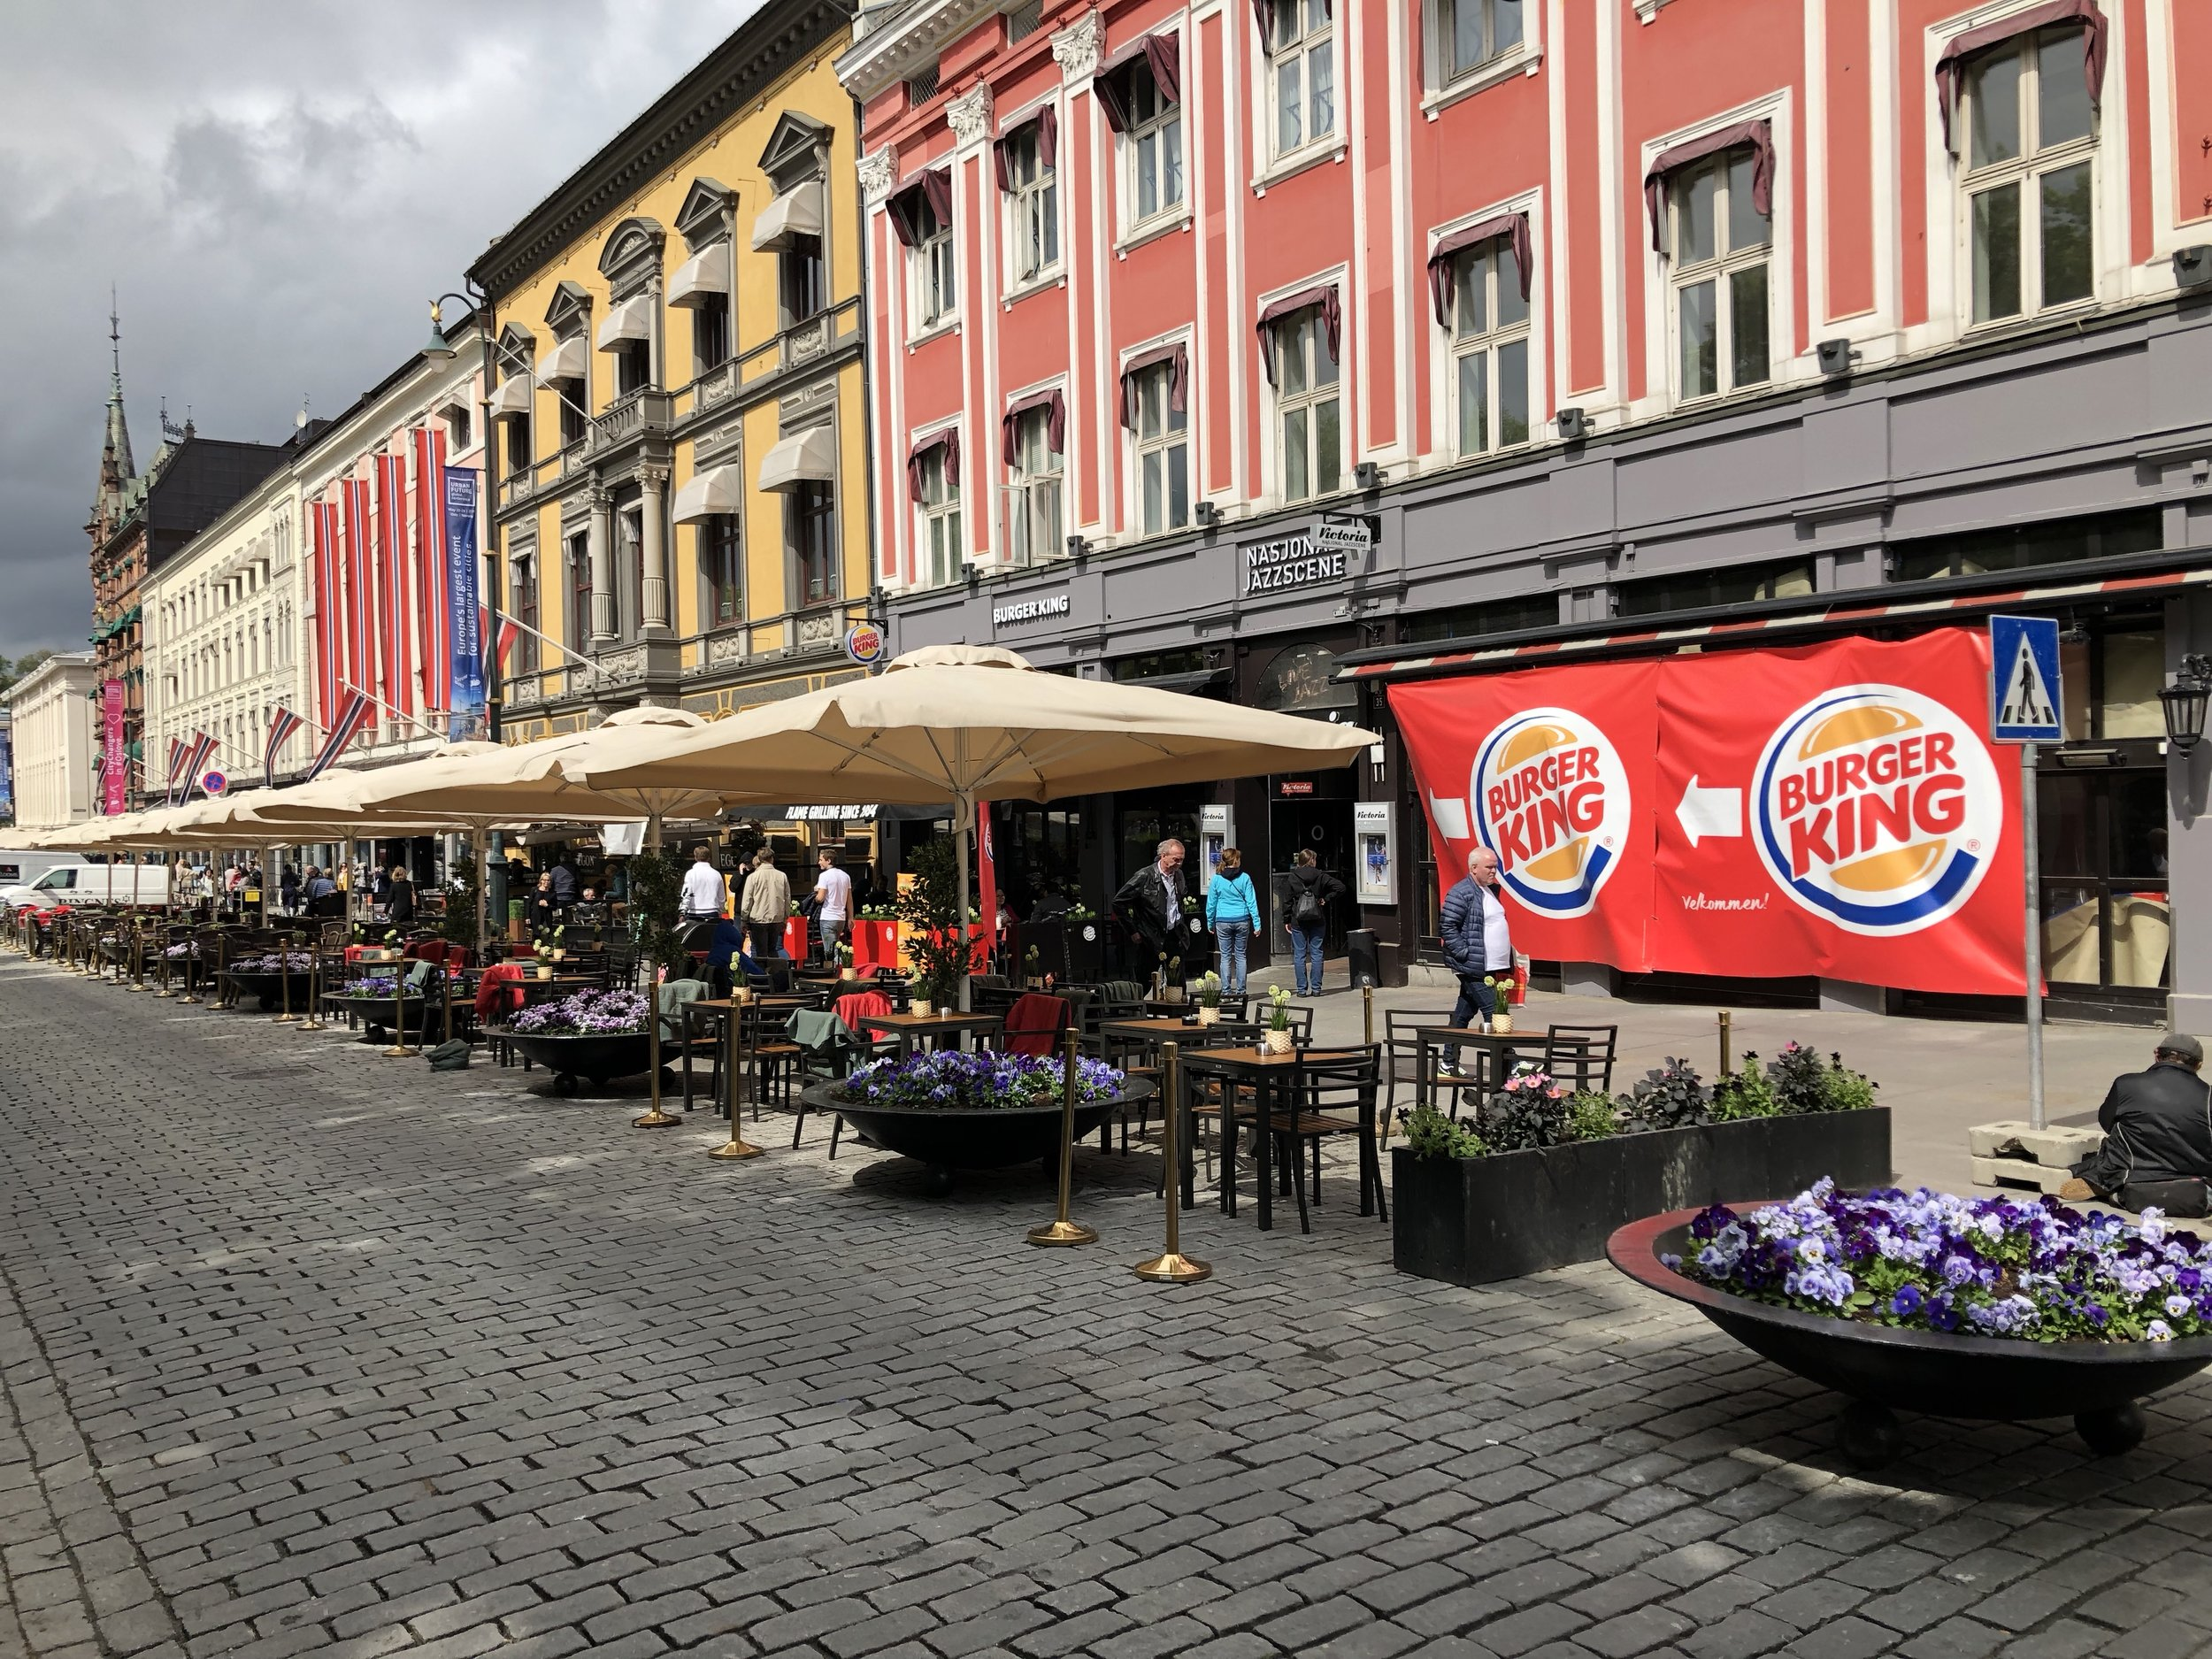 Burger King åpnet sin tre-etasjes flaggskip-restaurant i februar, og slik ser det ut fortsatt. Med dette grepet slutter de mest spennende og innovative retailkonseptene å være interessert i lokaler her. Heldigvis fortsetter jazzen å blomstre på Nasjonal Jazzscene.